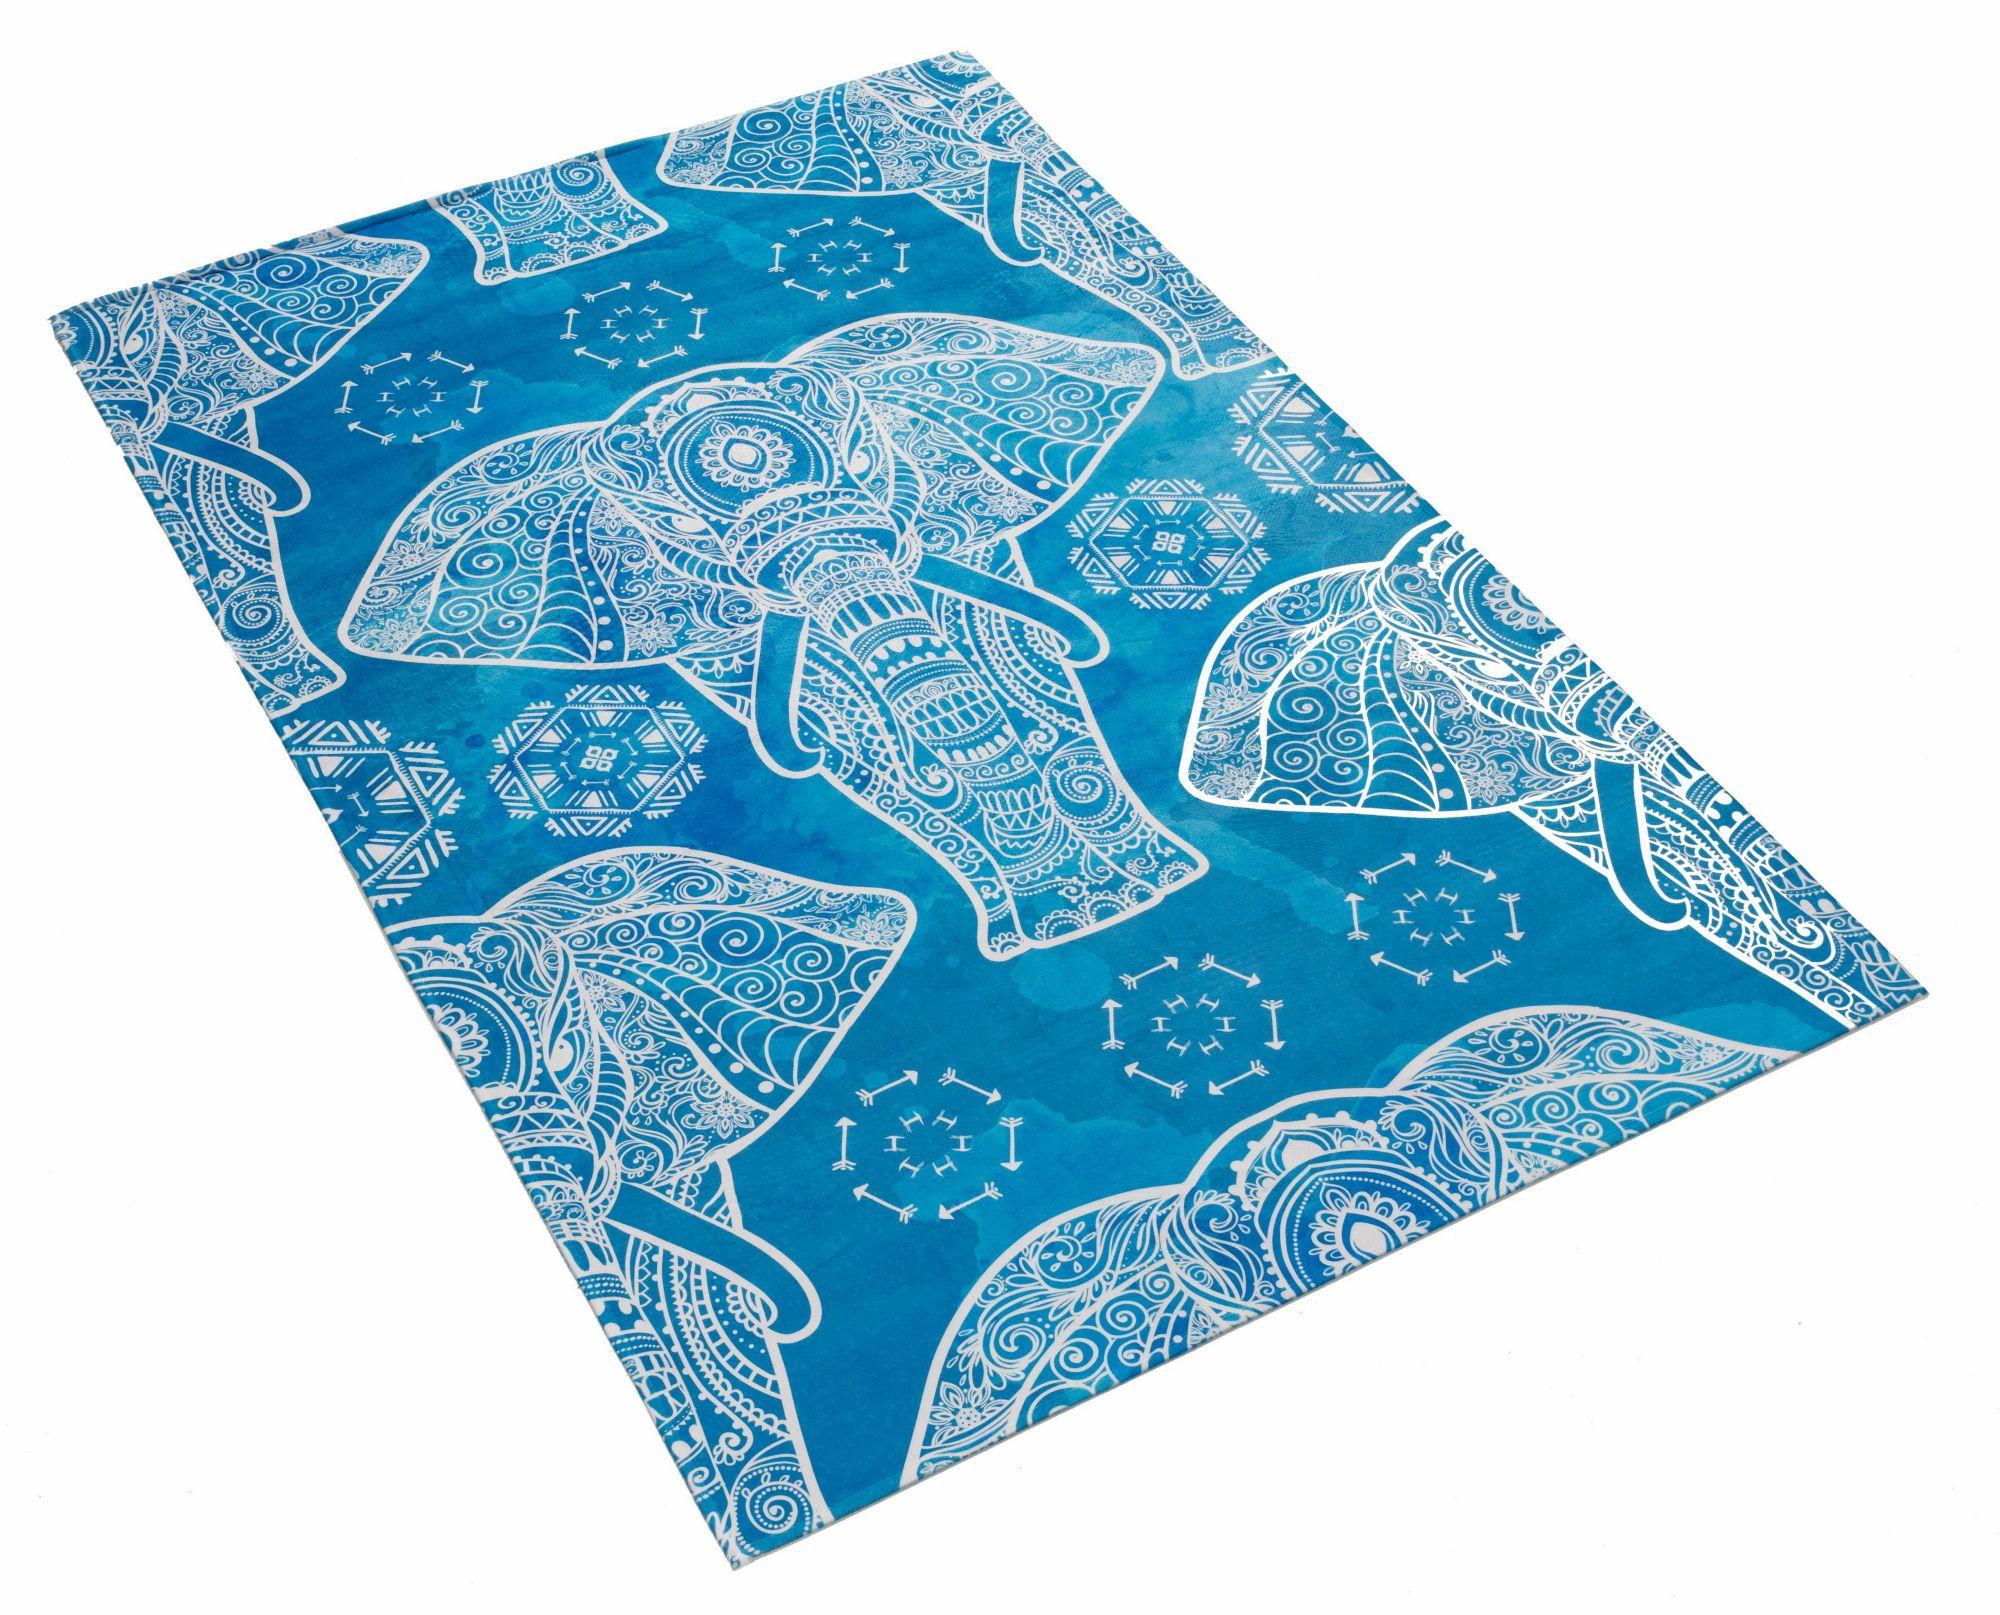 BÖING CARPET Kinderteppich, »Lovely Kids 411«, Böing Carpet, rechteckig, Höhe 6 mm, gedruckt